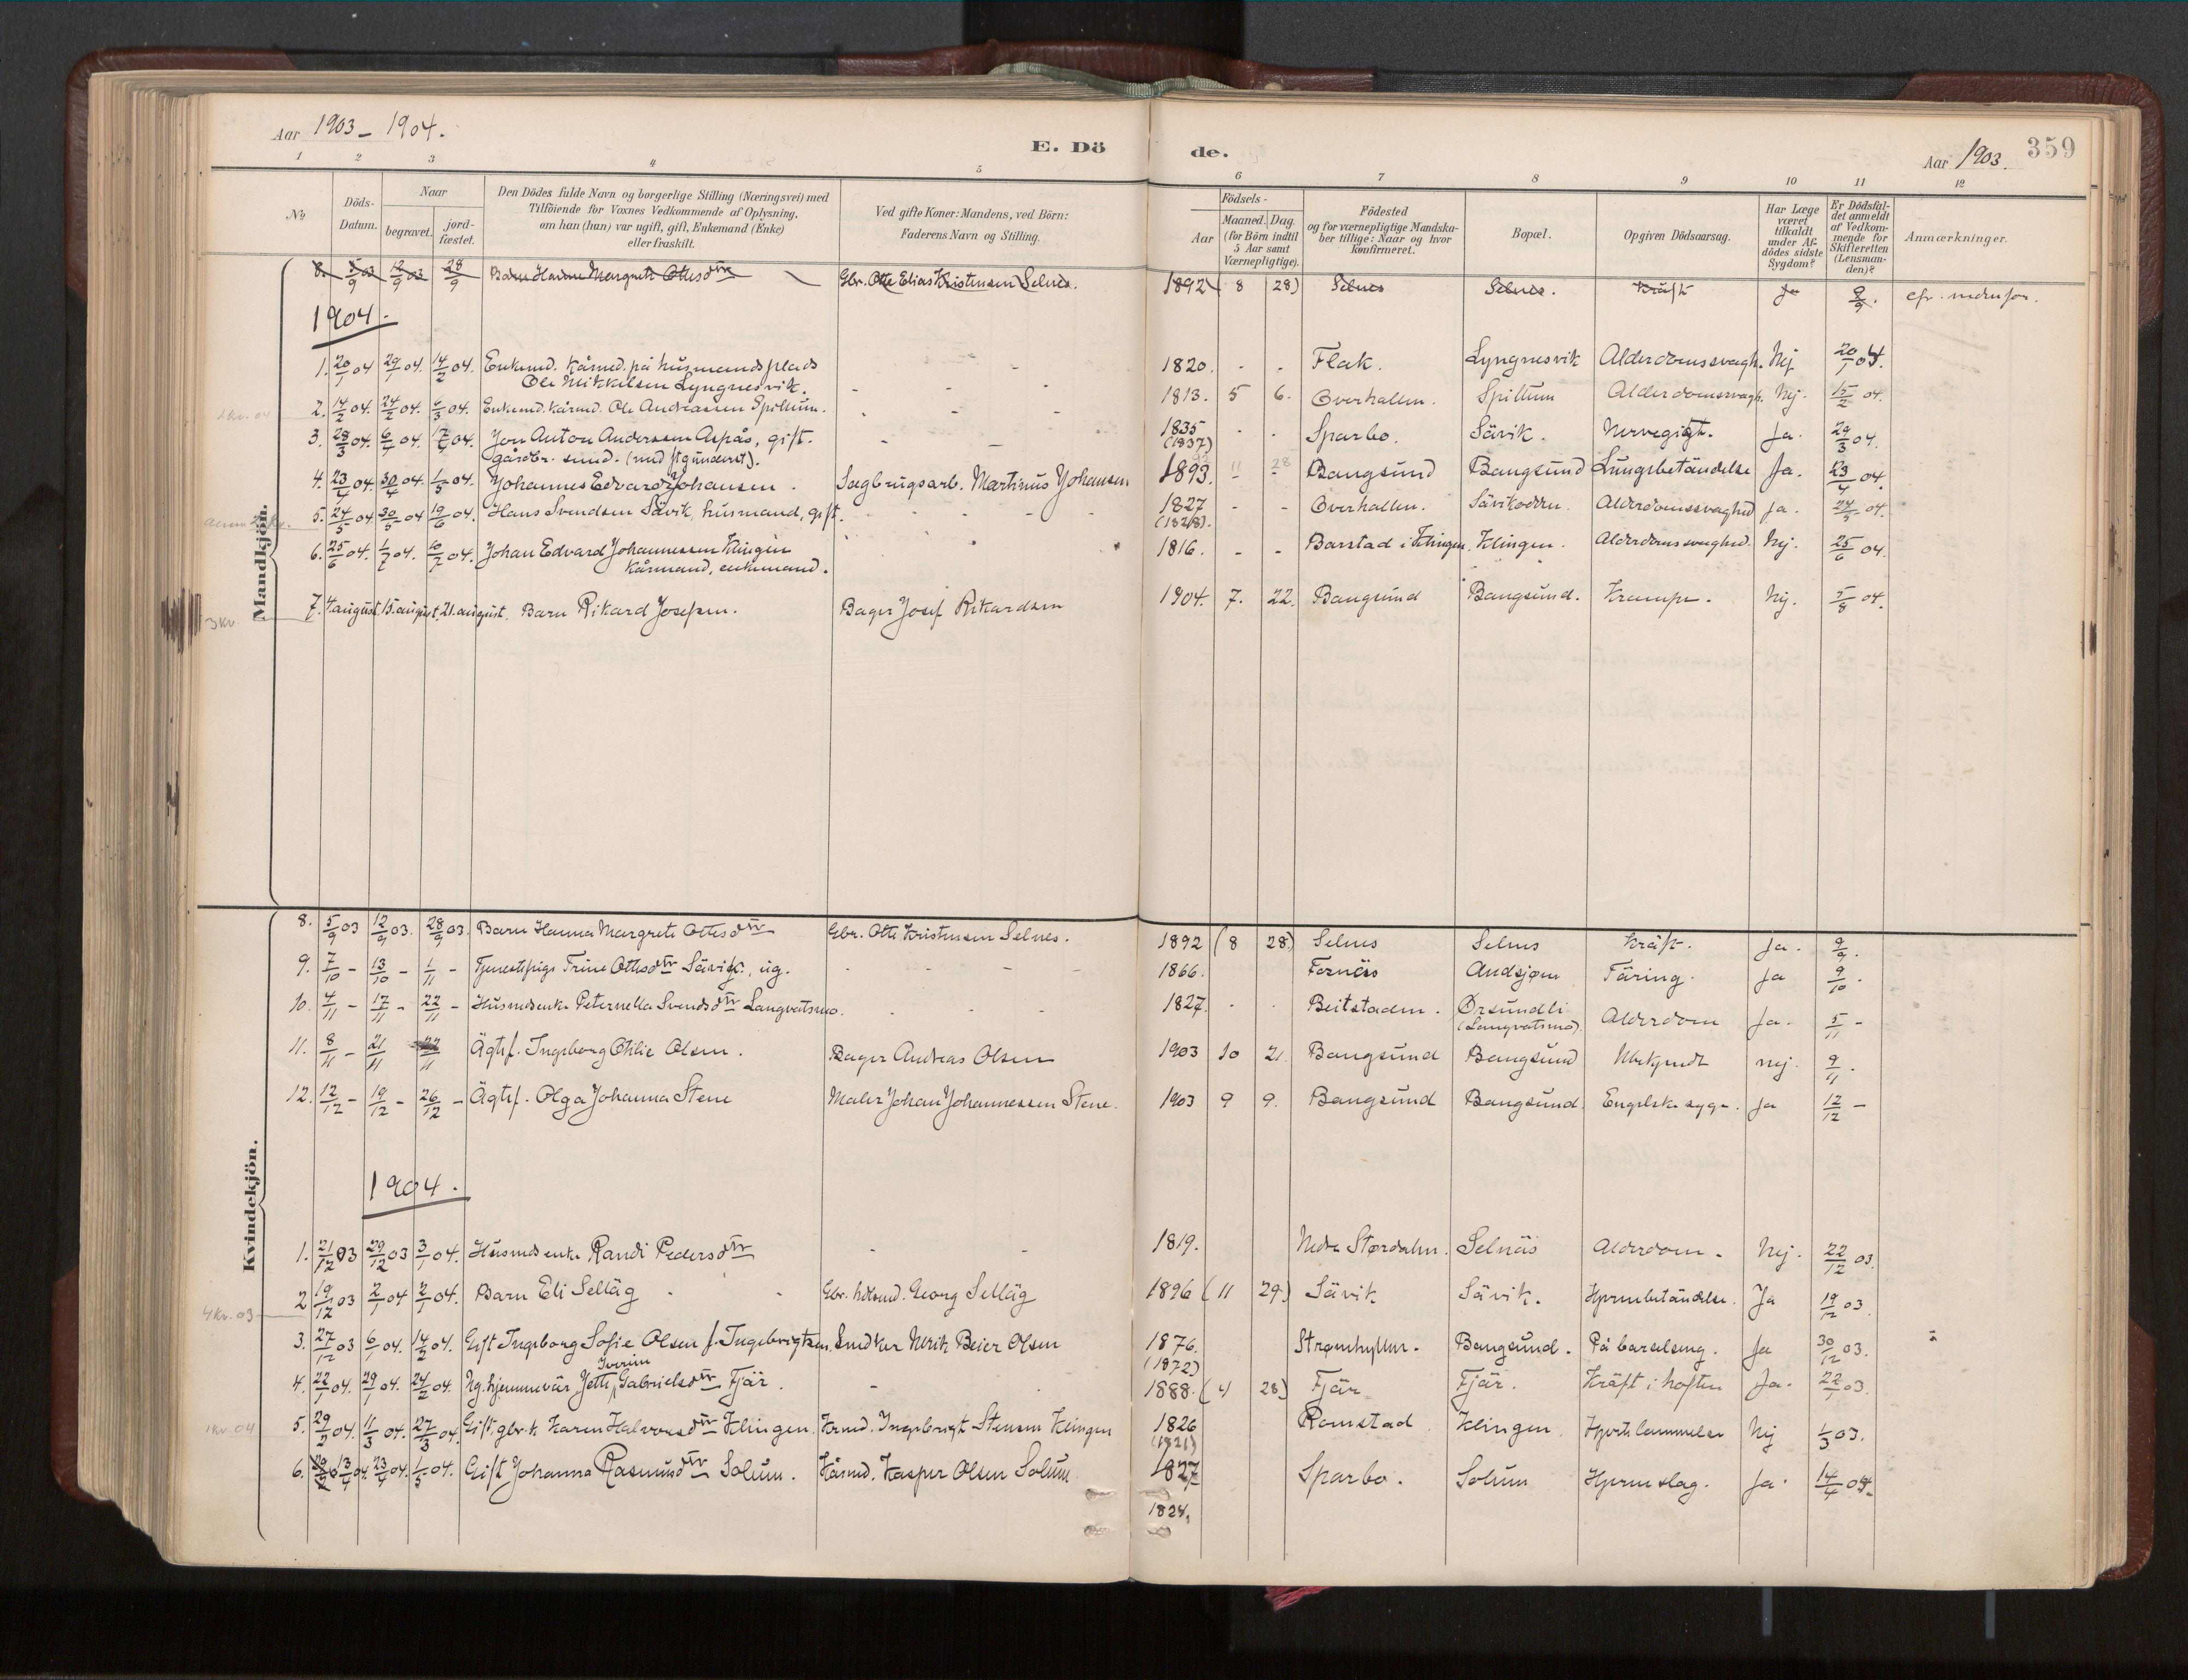 SAT, Ministerialprotokoller, klokkerbøker og fødselsregistre - Nord-Trøndelag, 770/L0589: Ministerialbok nr. 770A03, 1887-1929, s. 359